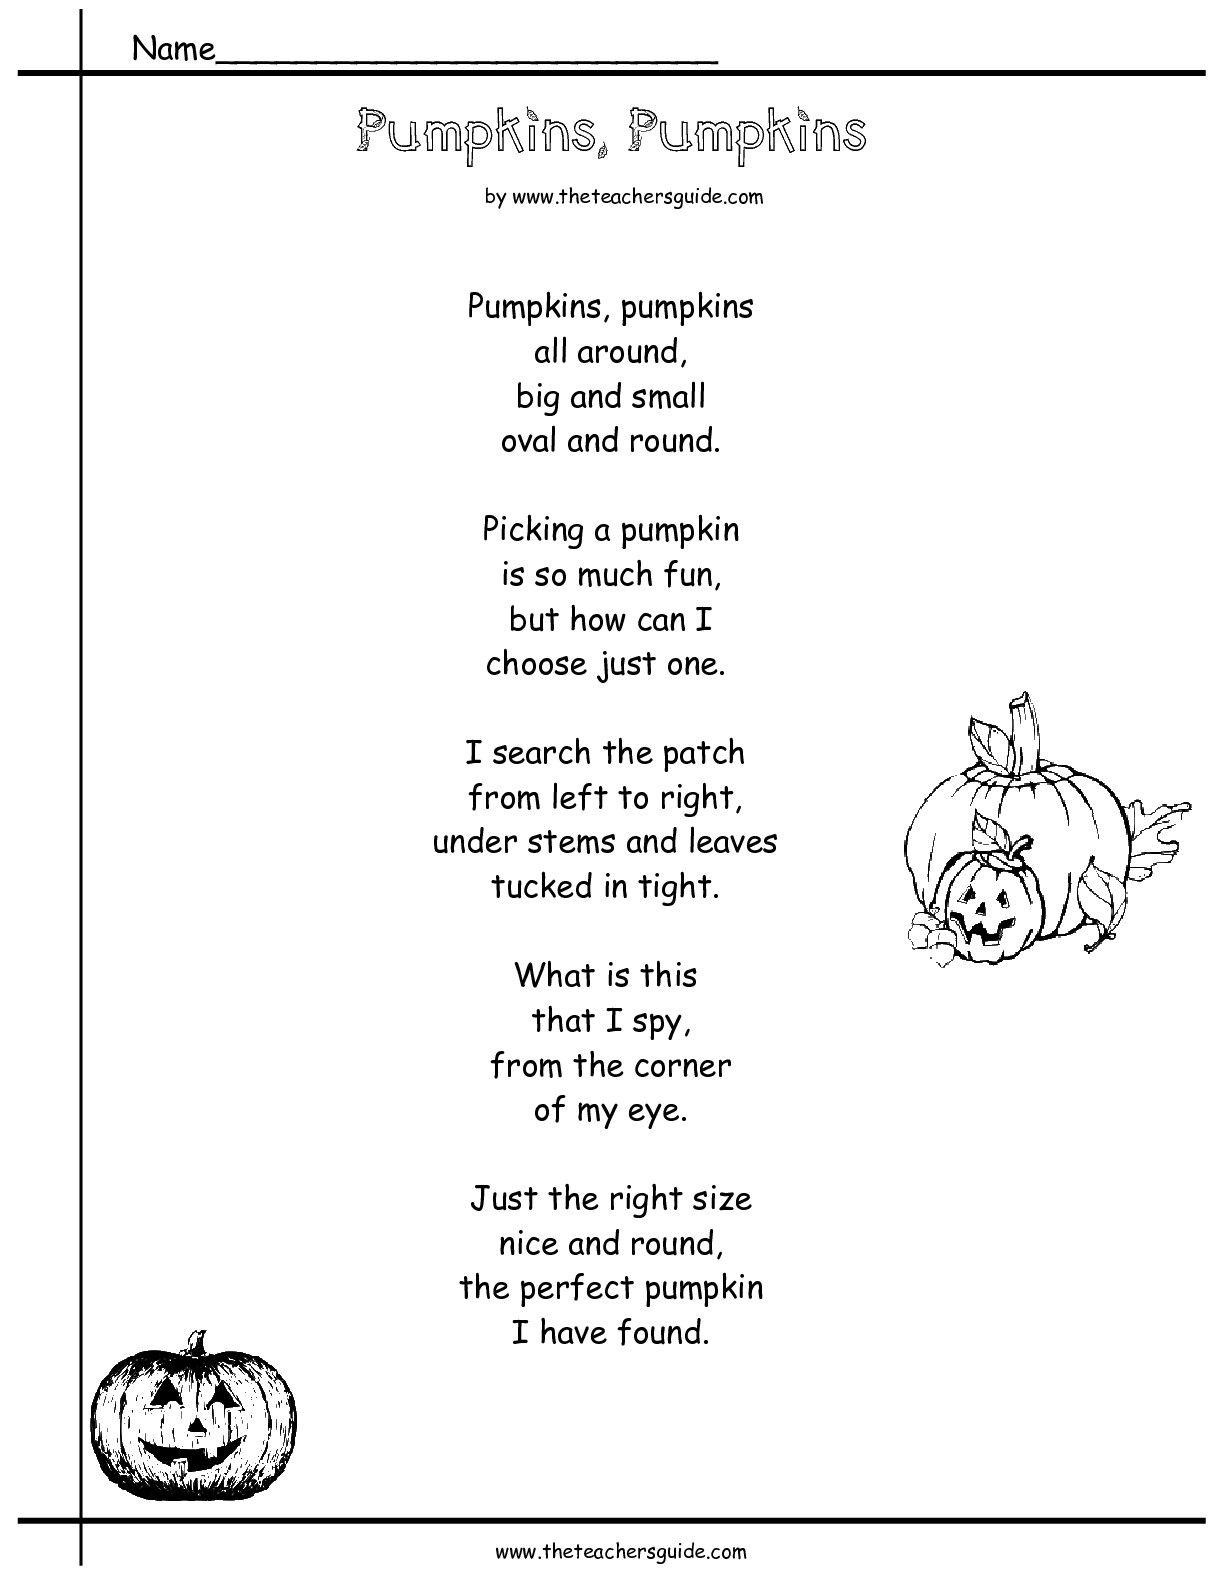 Pumpkinspumpkinspoem 001 001 1 224 1 584 Pixels